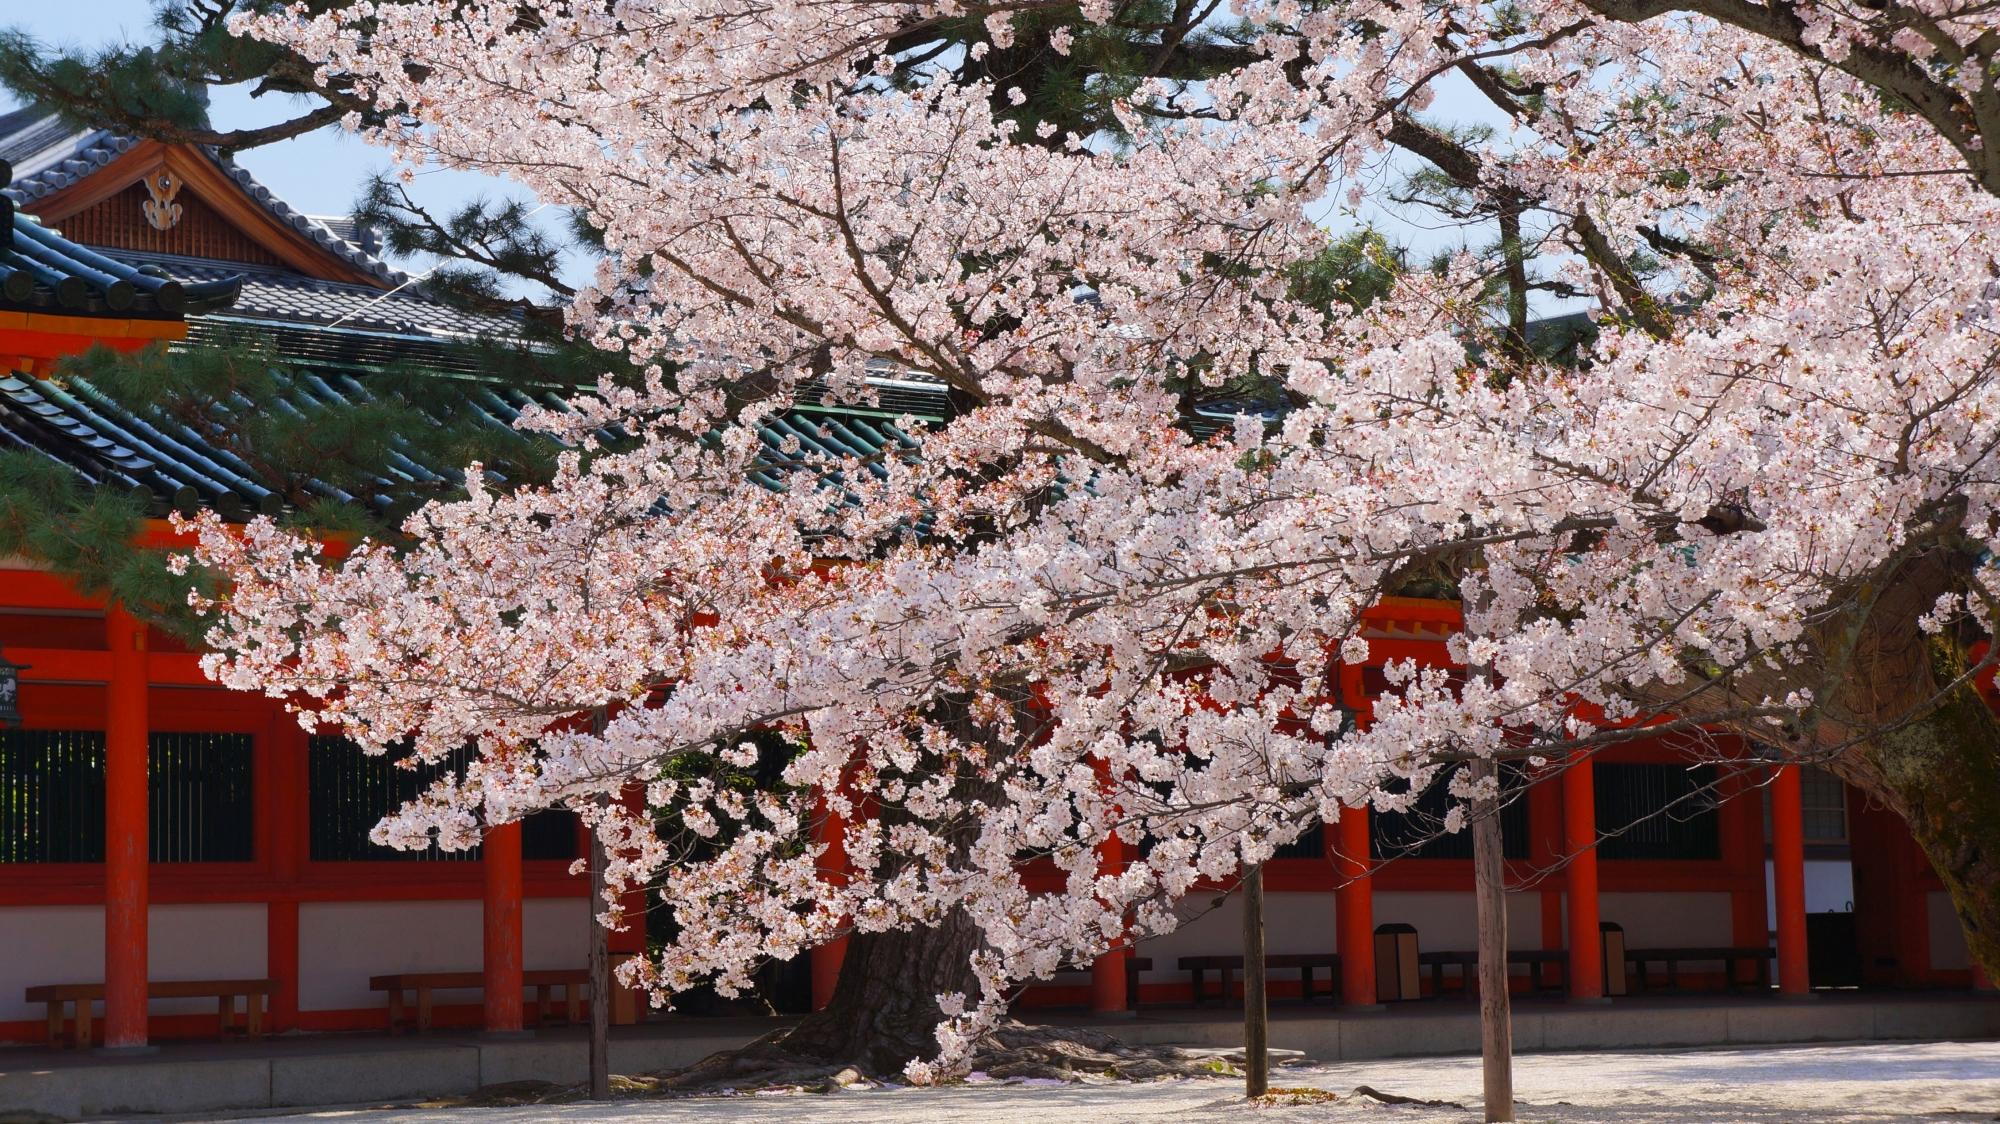 平安神宮の上品な境内を見事に彩る春色